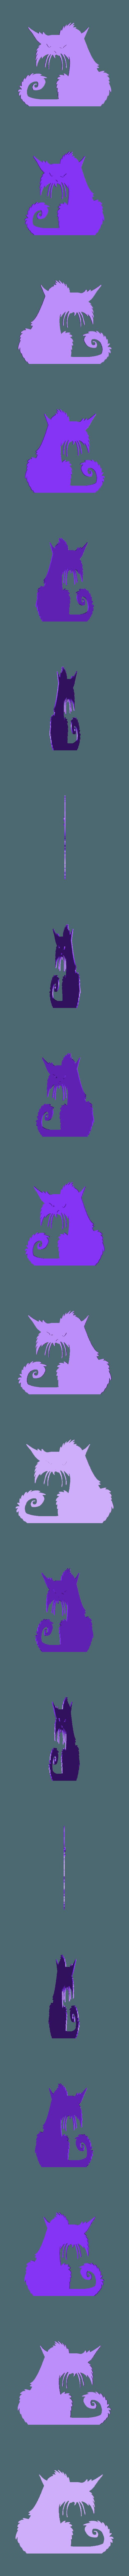 Grumpy_Cat_Alone.stl Télécharger fichier STL gratuit Chat Grincheux seul • Design imprimable en 3D, yb__magiic